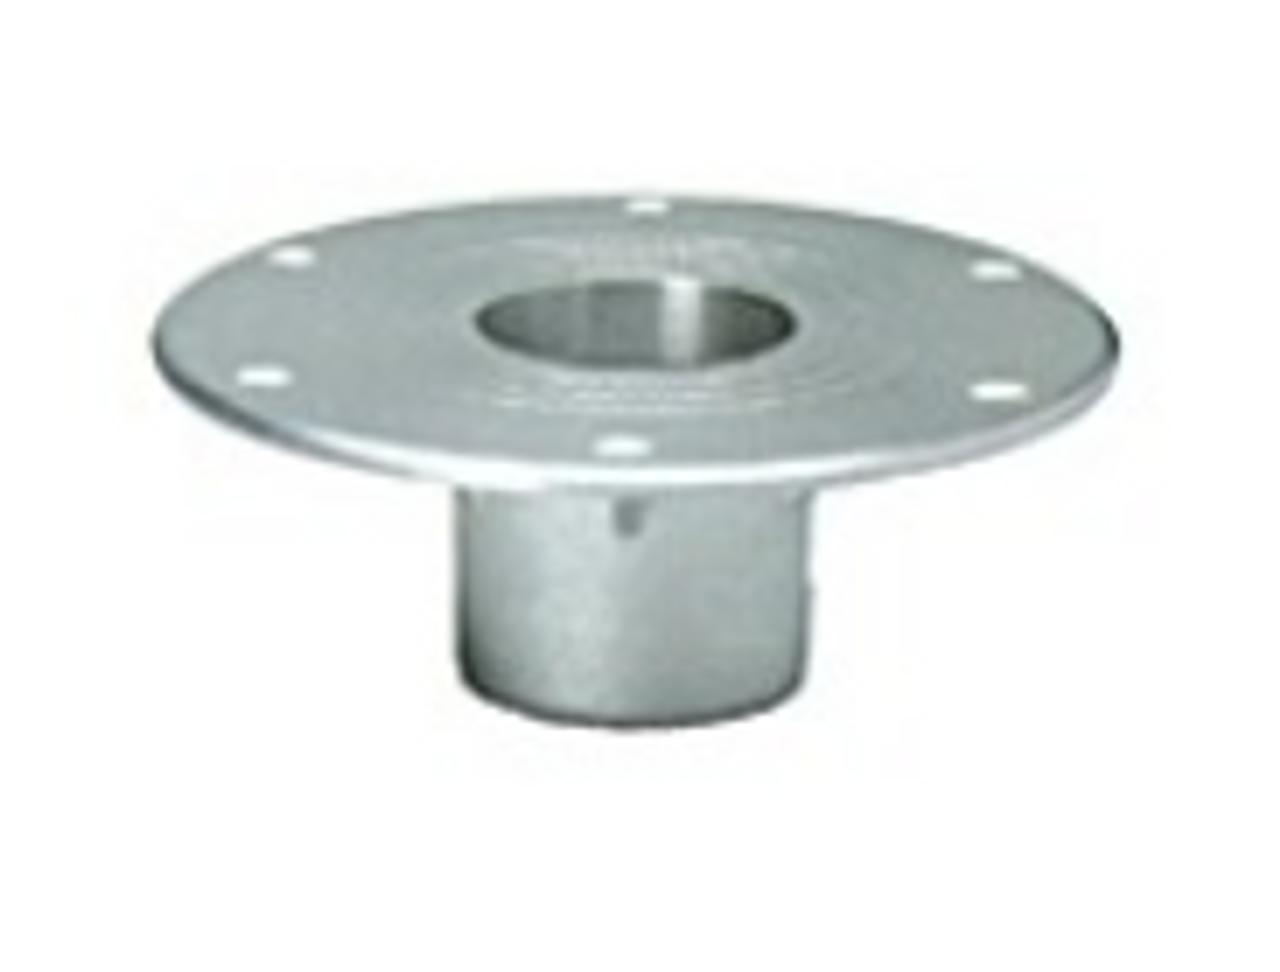 TABLE BASE - FLUSH ROUND (20-1021)